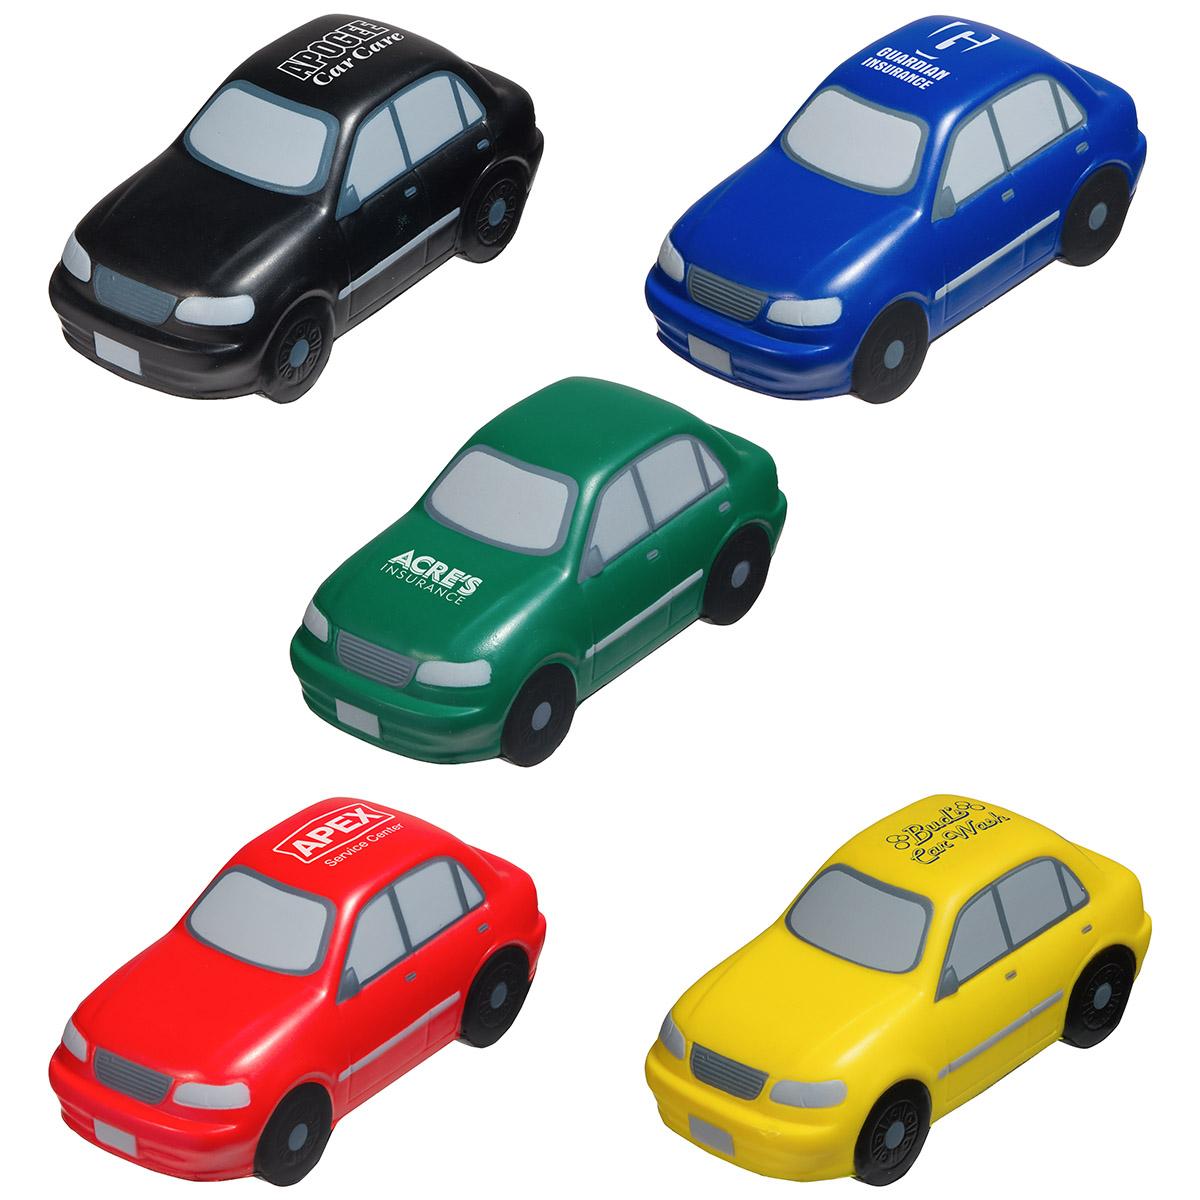 Sedan Stress Reliever, LTR-SE11 - 1 Colour Imprint